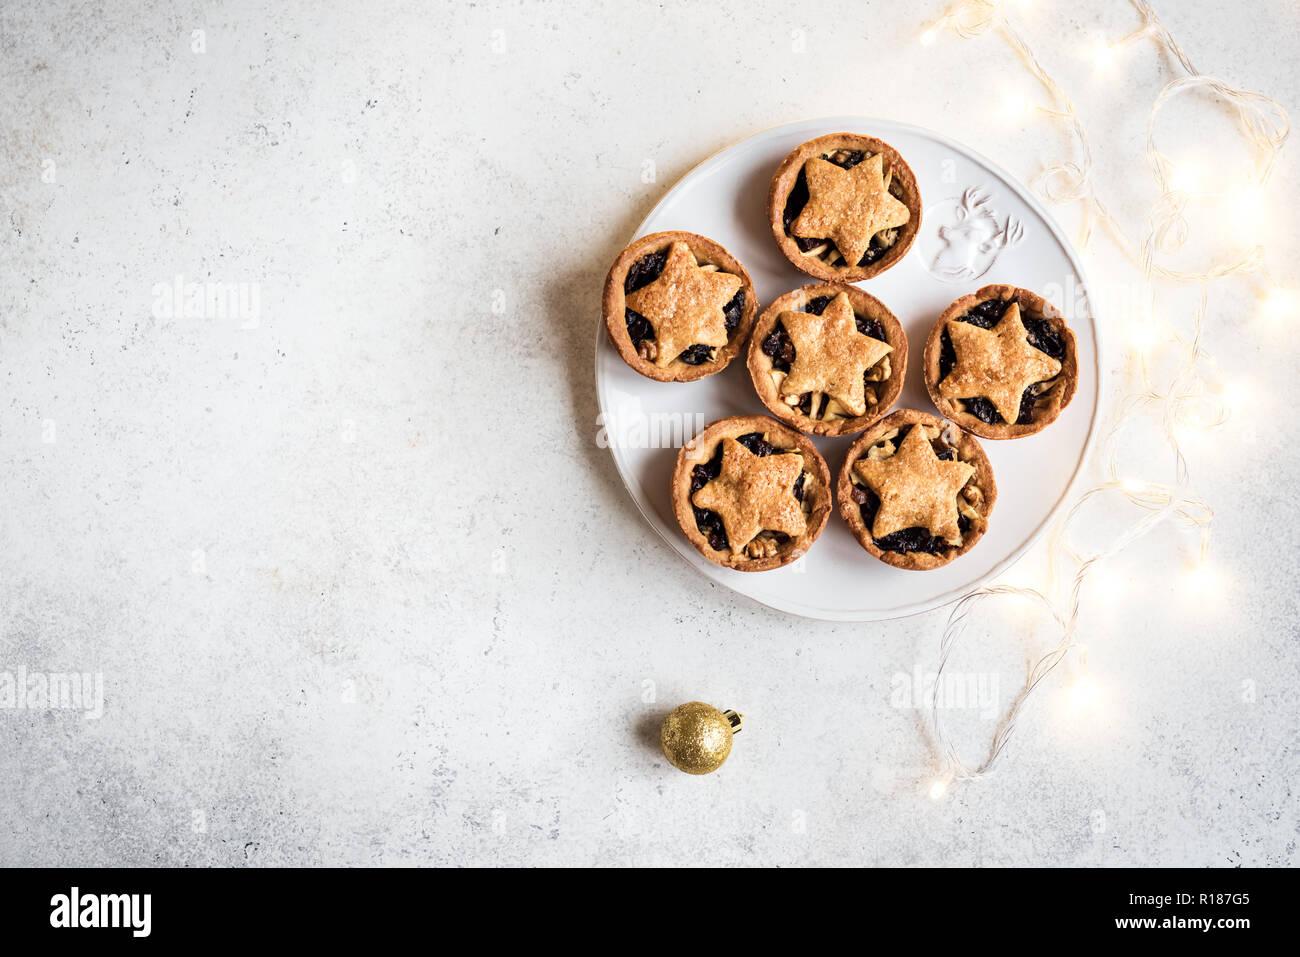 Mince Pies für Weihnachten auf weißem Hintergrund mit Licht, kopieren. Traditionelle Weihnachten Dessert - Kuchen mit Früchten und Nüssen vor den Mund. Stockfoto